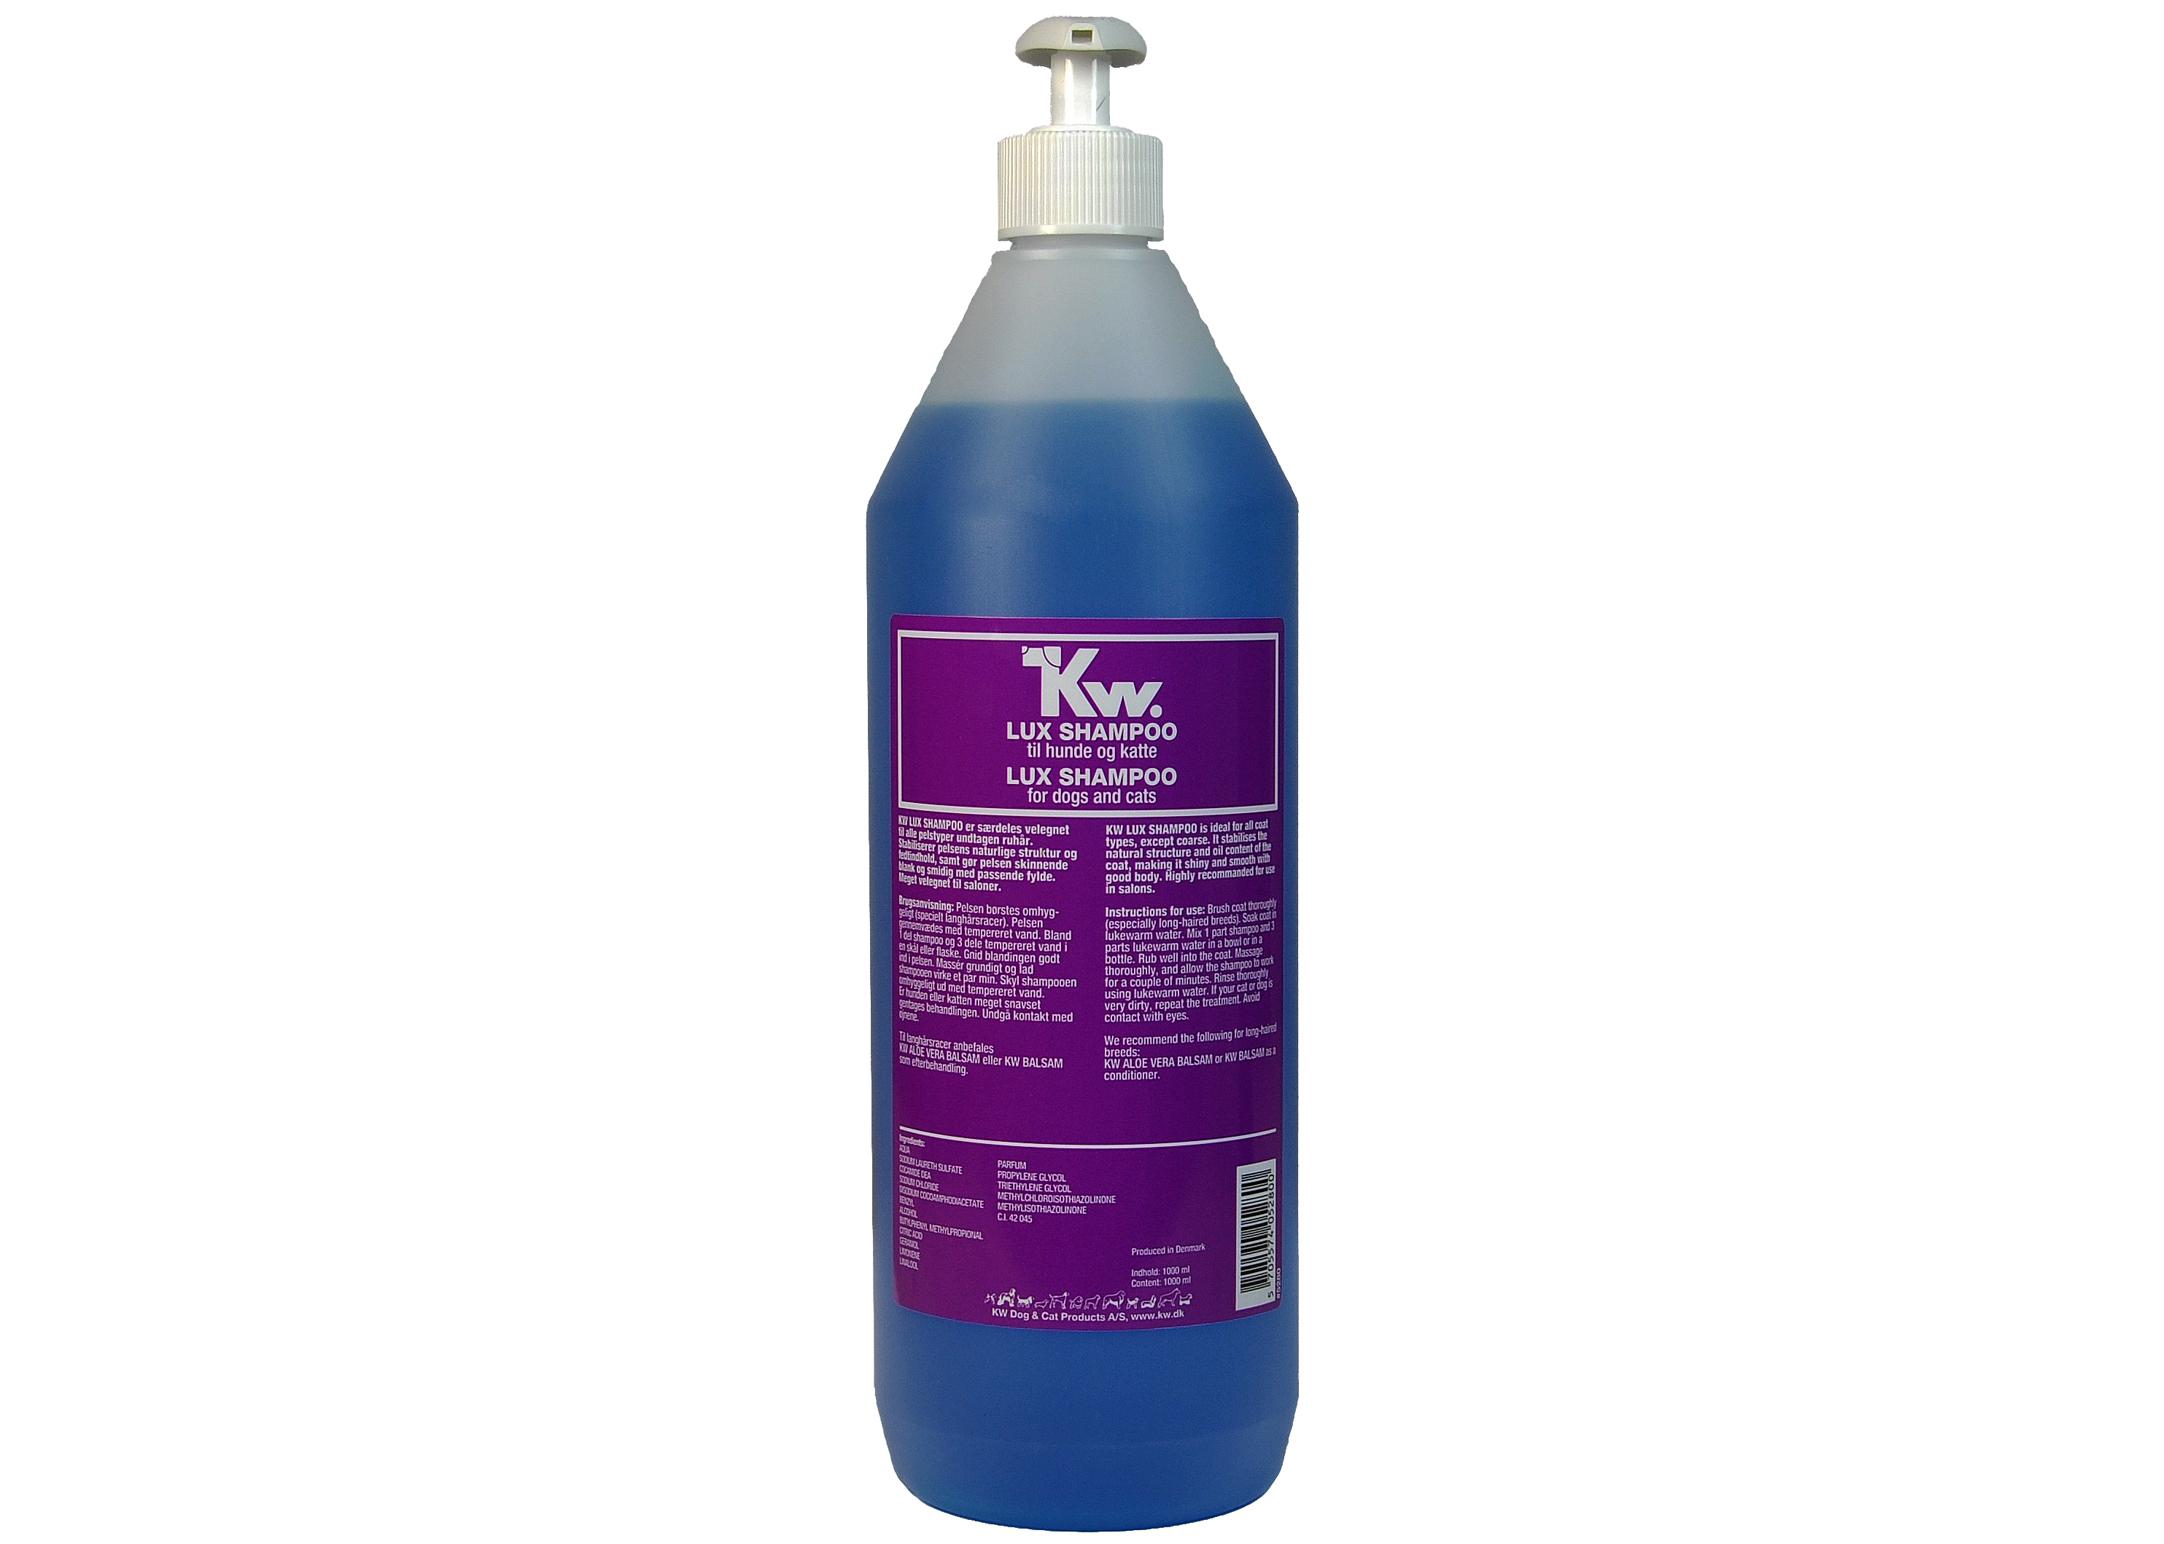 KW Lux Shampoo 1L